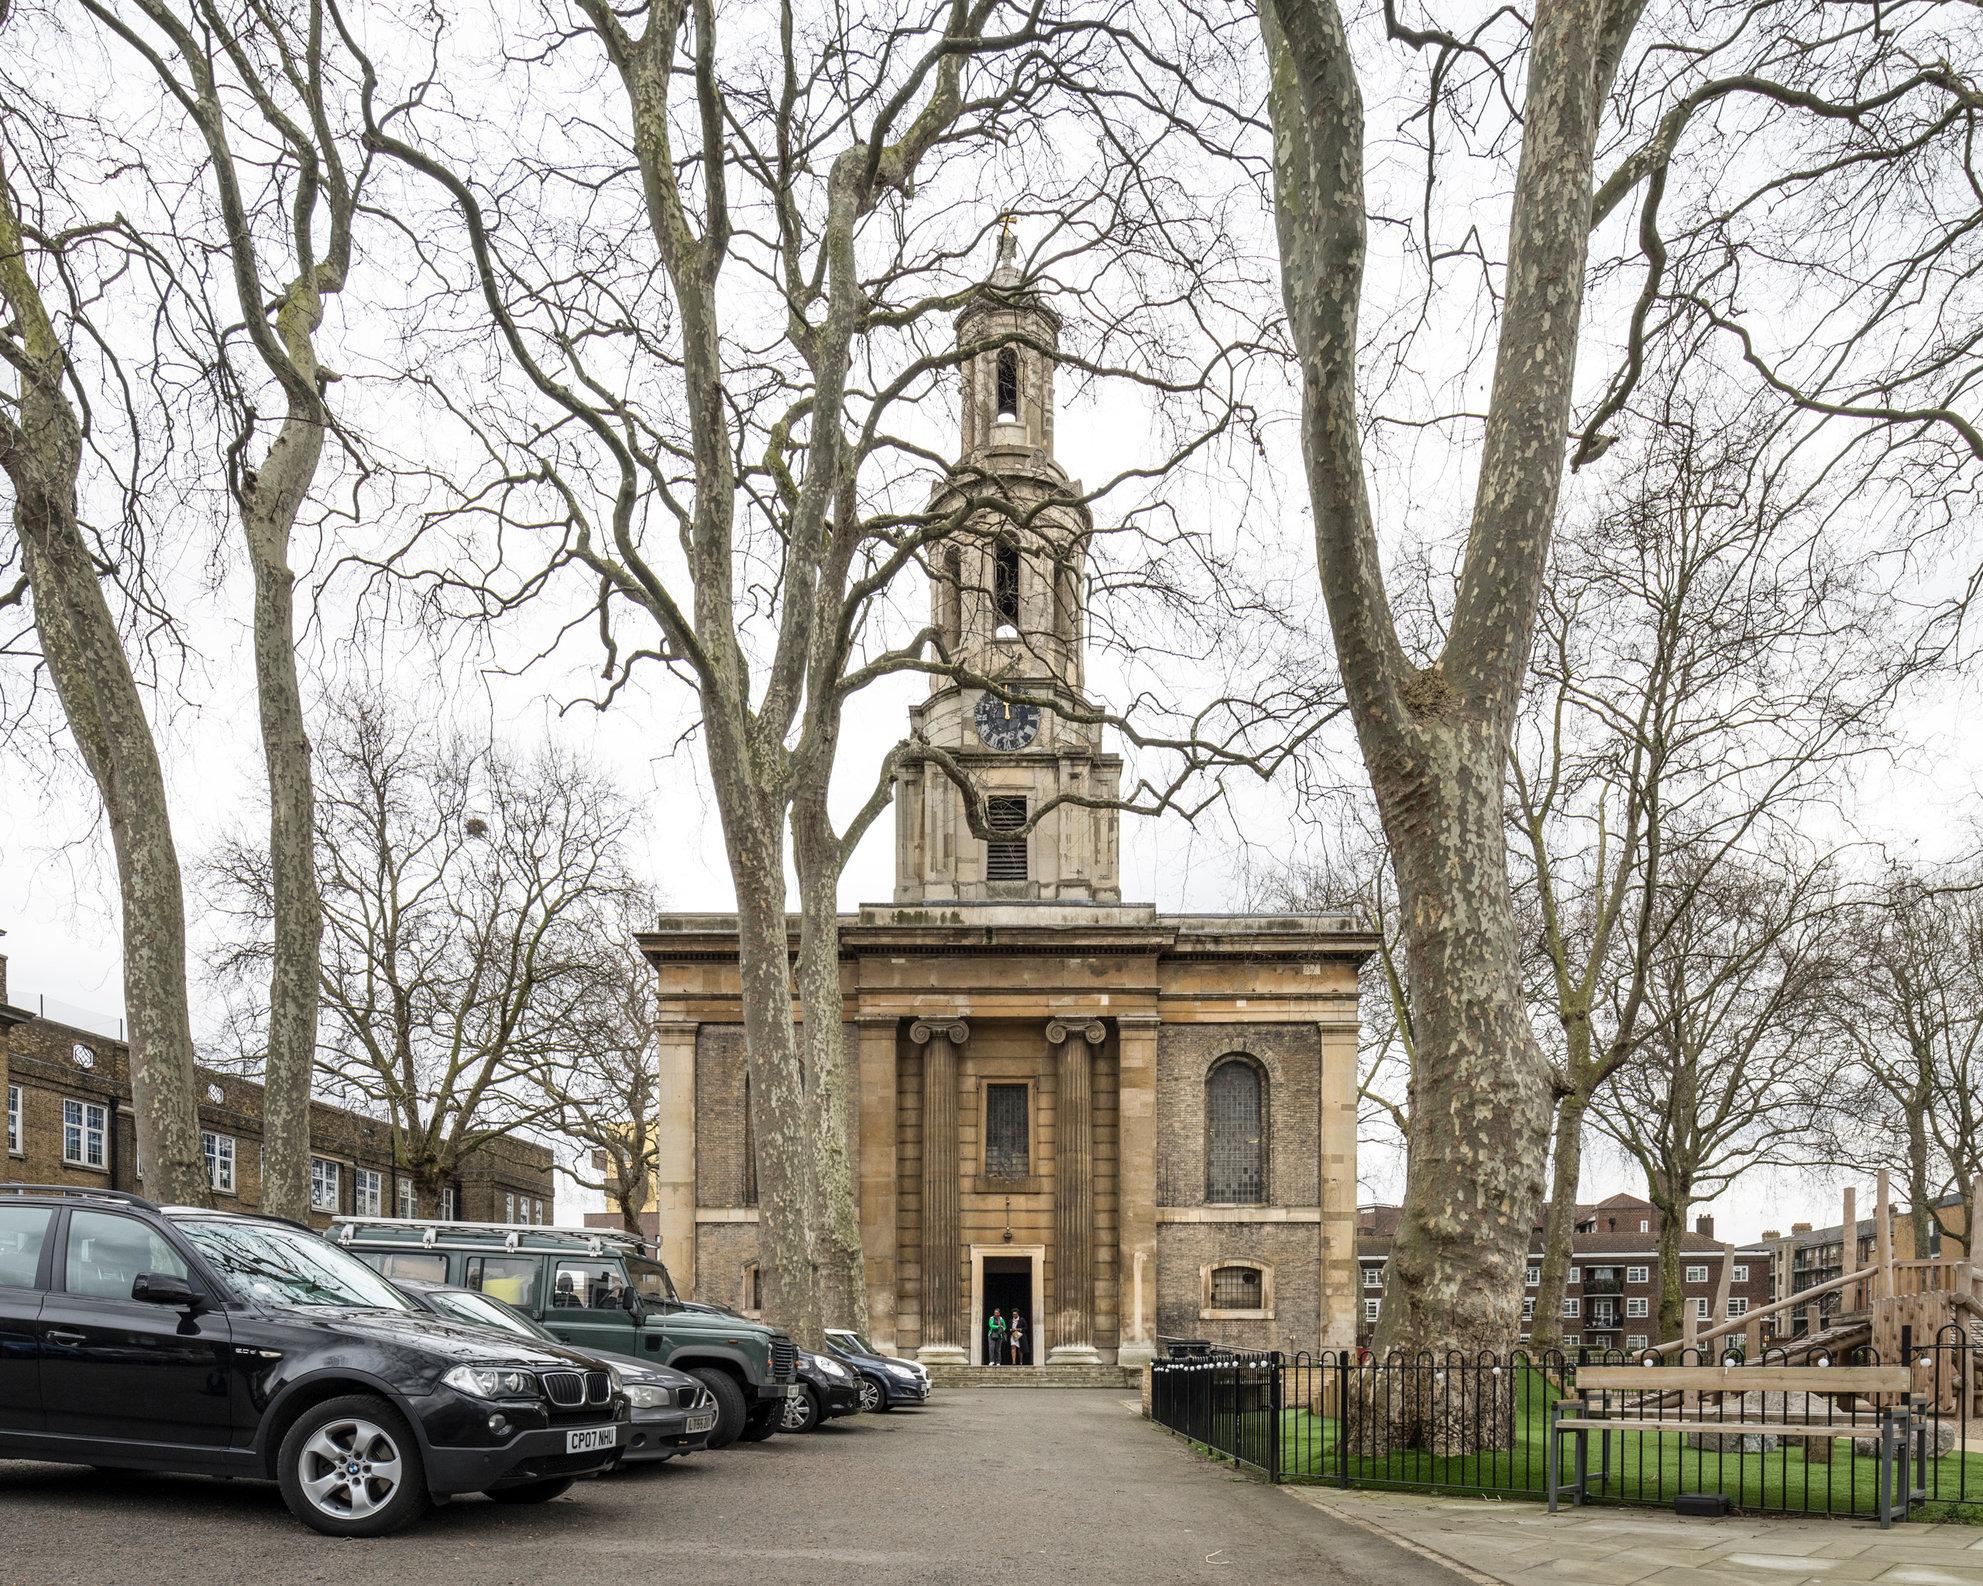 St John the Baptist, Hoxton. Francis Edwards